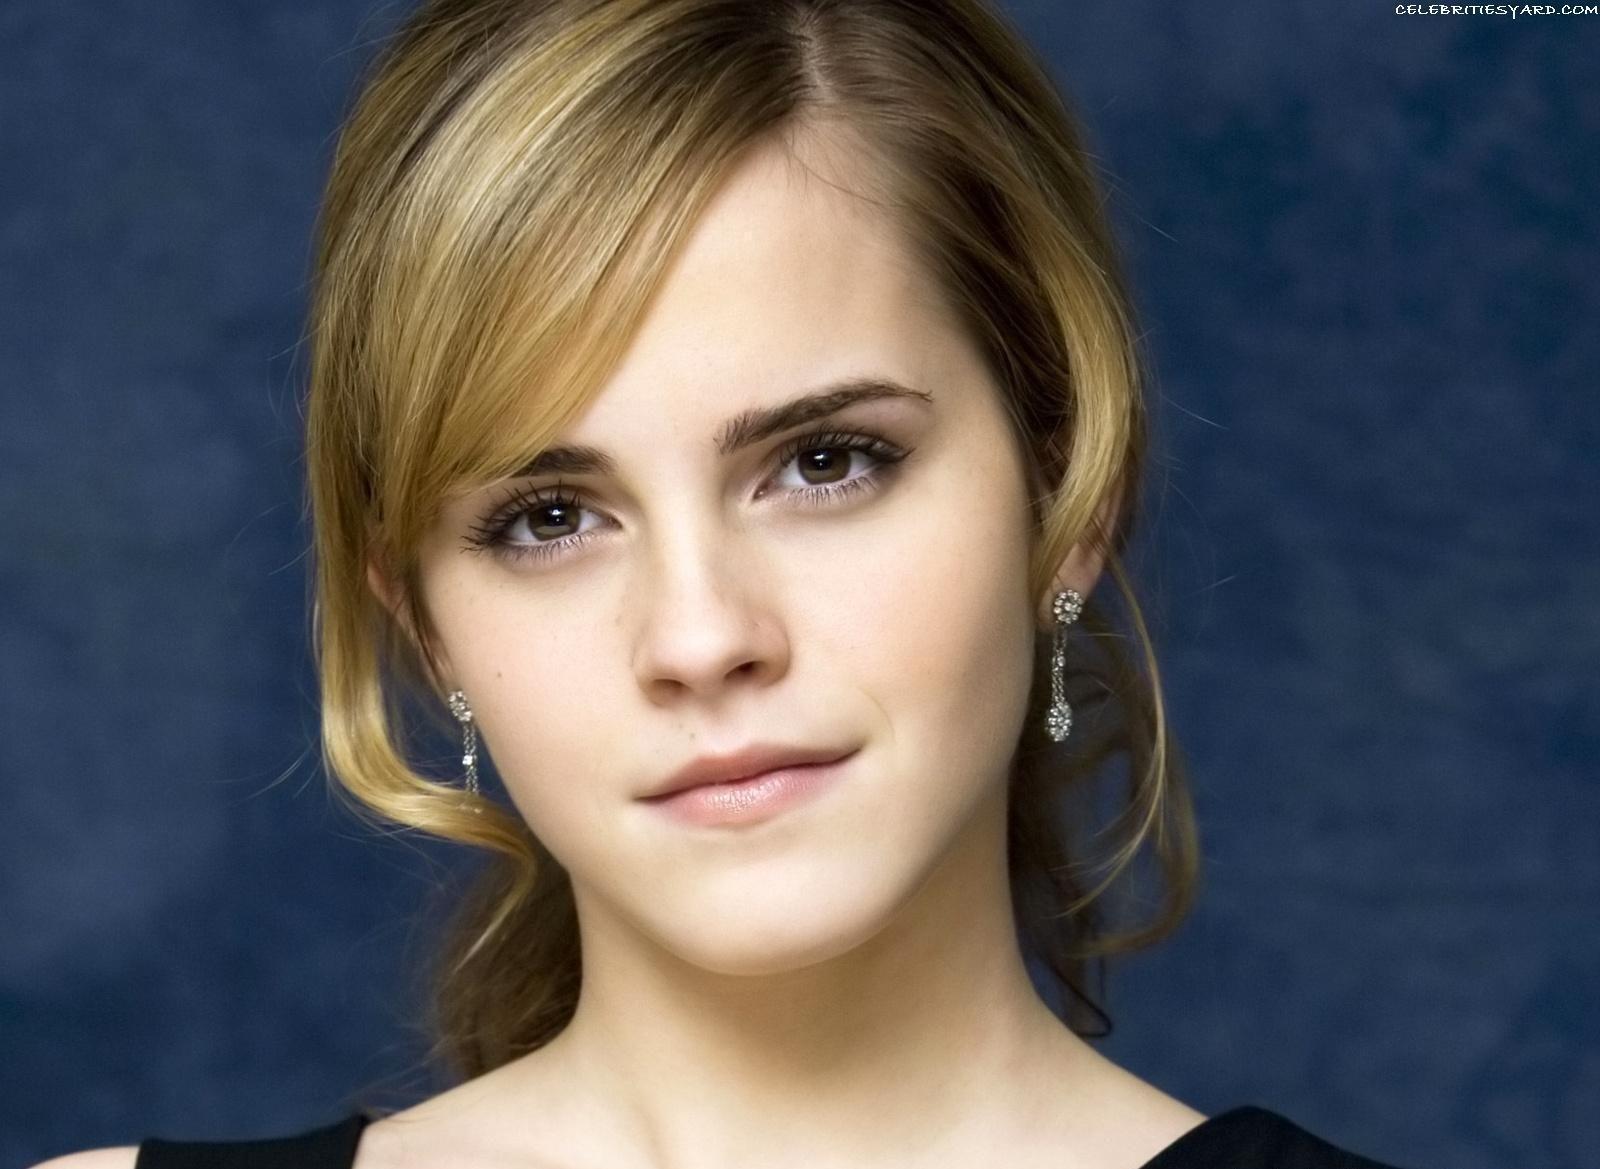 Emma Watson Wallpaper - Best HD Desktop Wallpaper